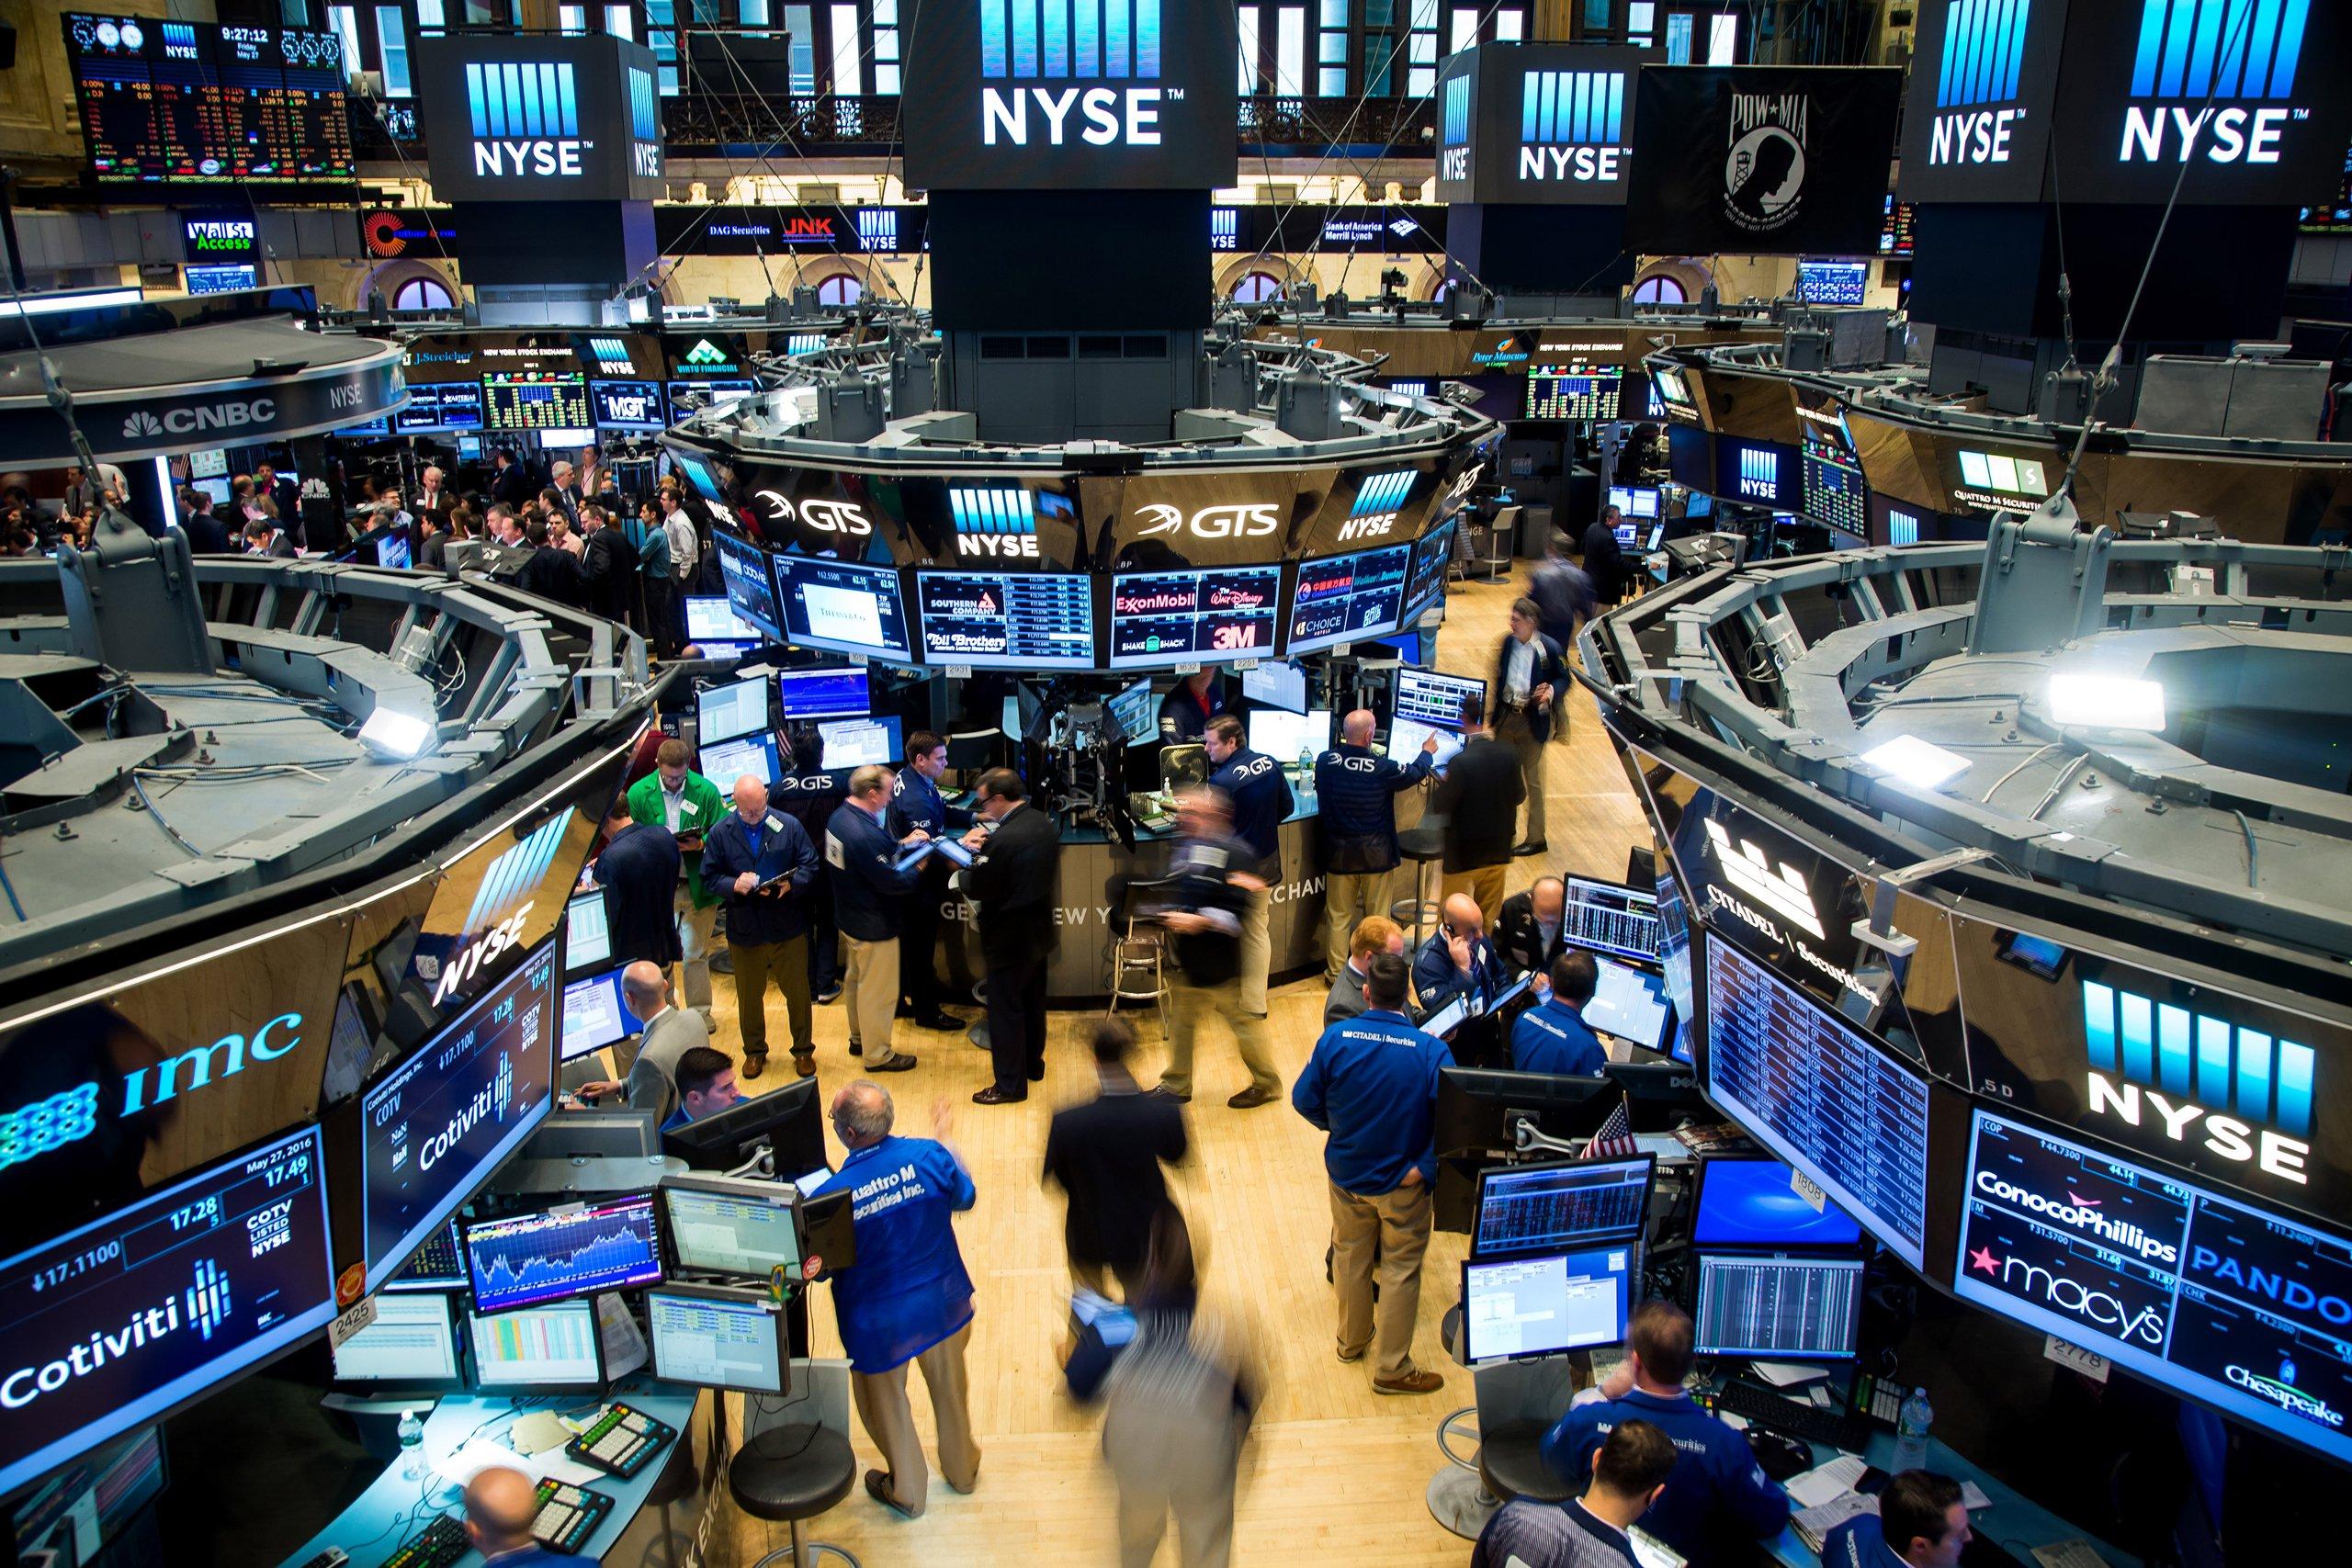 Նավթի, թանկարժեք և գունավոր մետաղների գներ, ԱՄՆ և եվրոպական ինդեքսներ գներն աճել են - 11/09/18